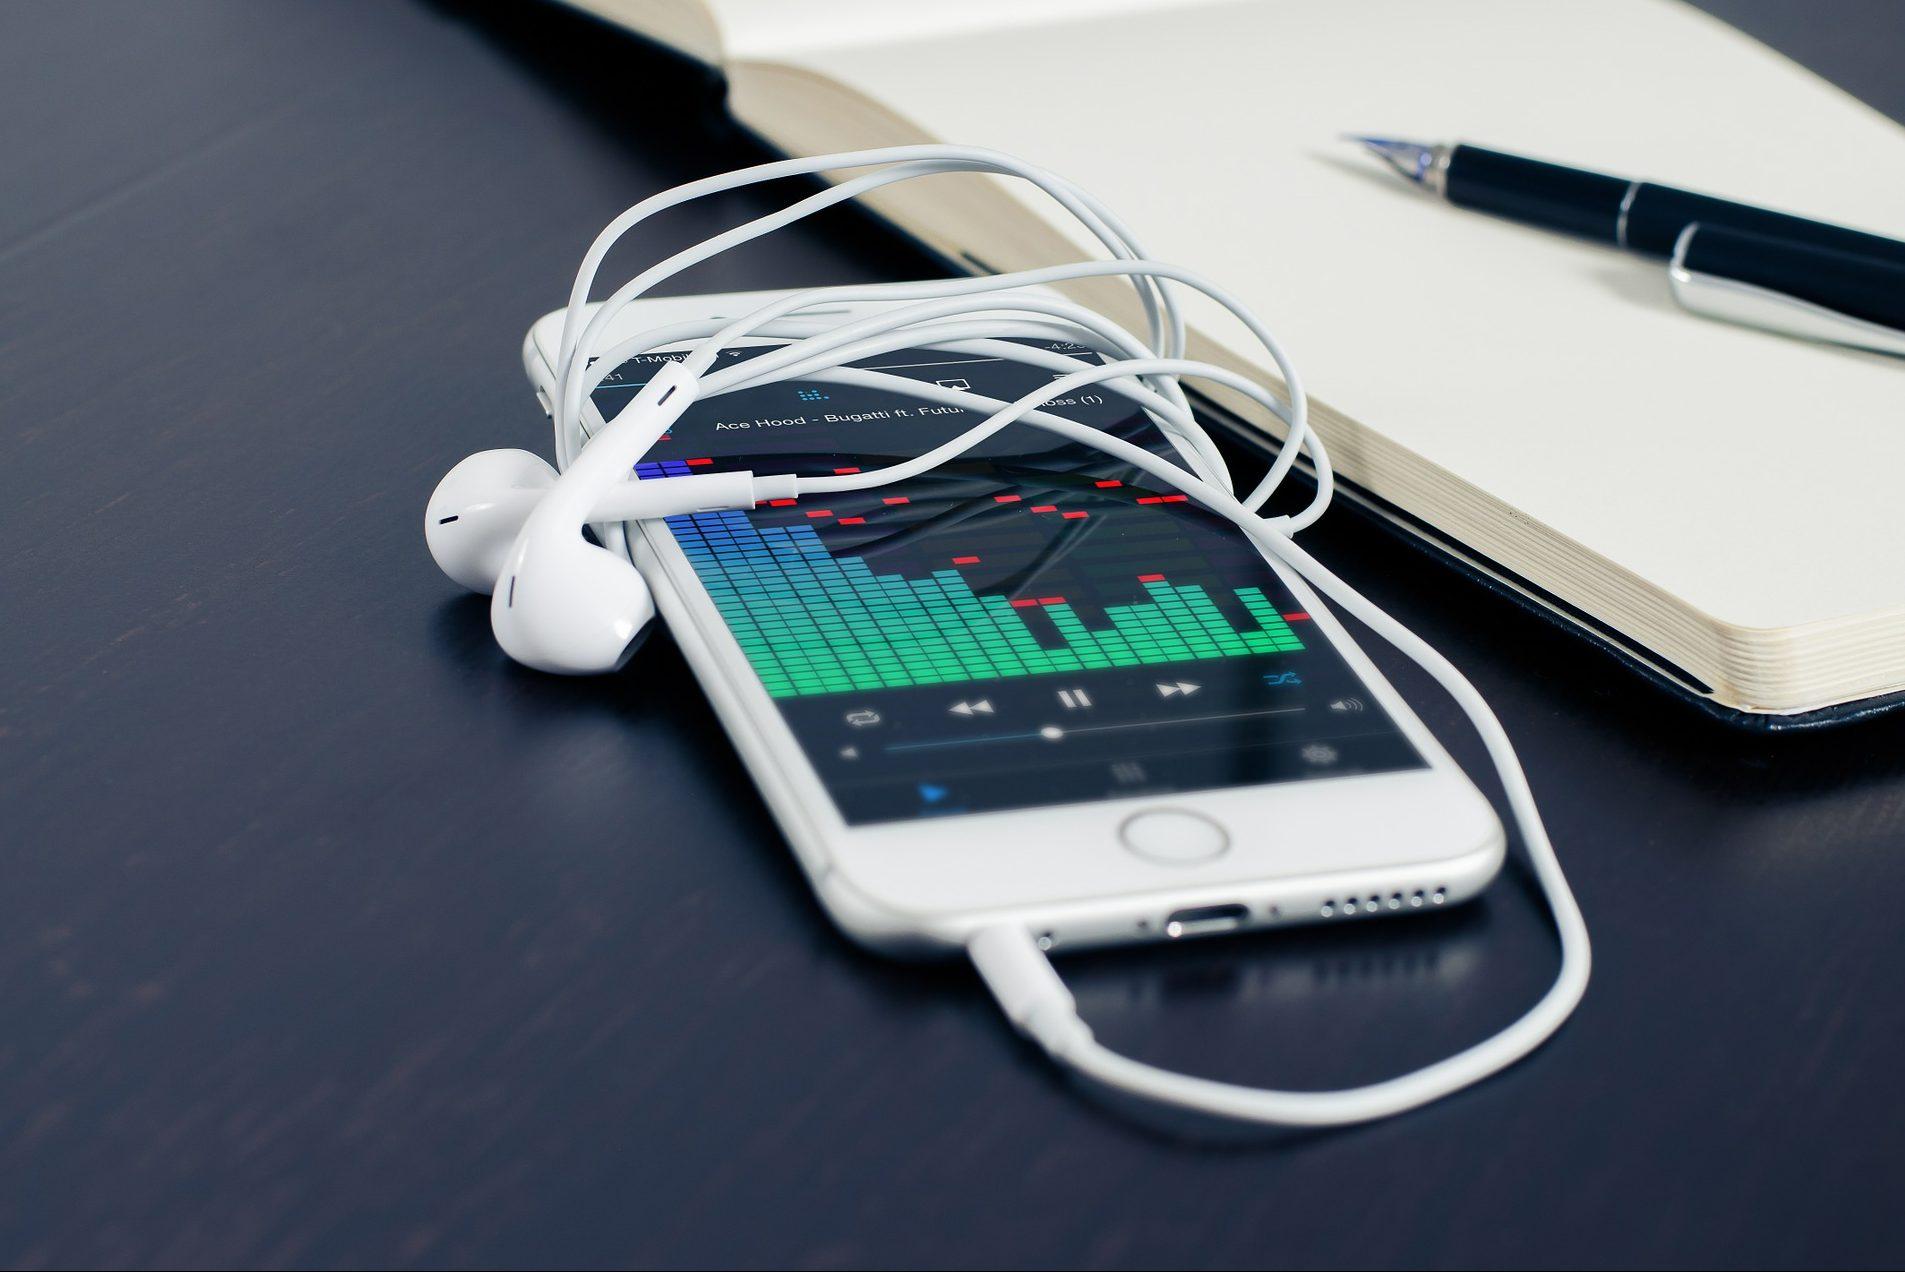 iPhone mit Kopfhörern auf einem Tisch